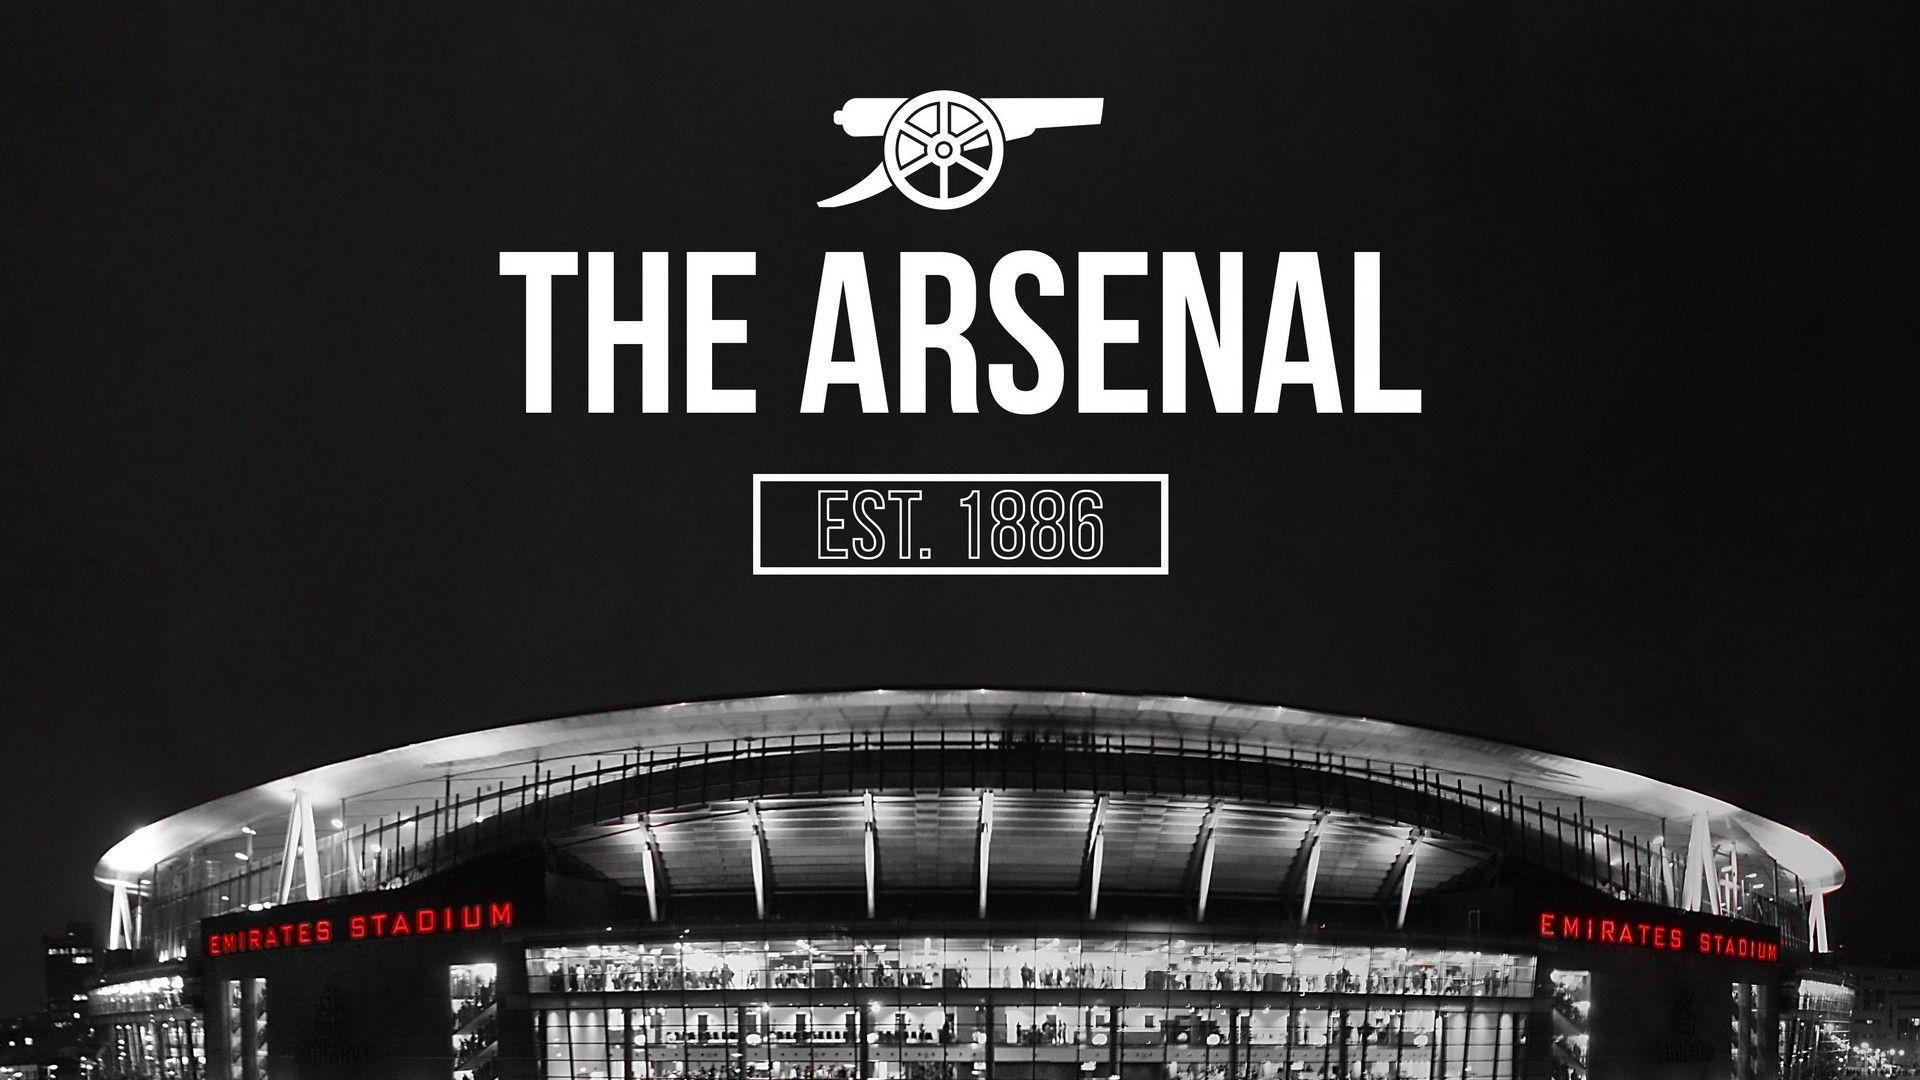 Emirates Stadium Arsenal Wallpaper HD Arsenal wallpapers 1920x1080